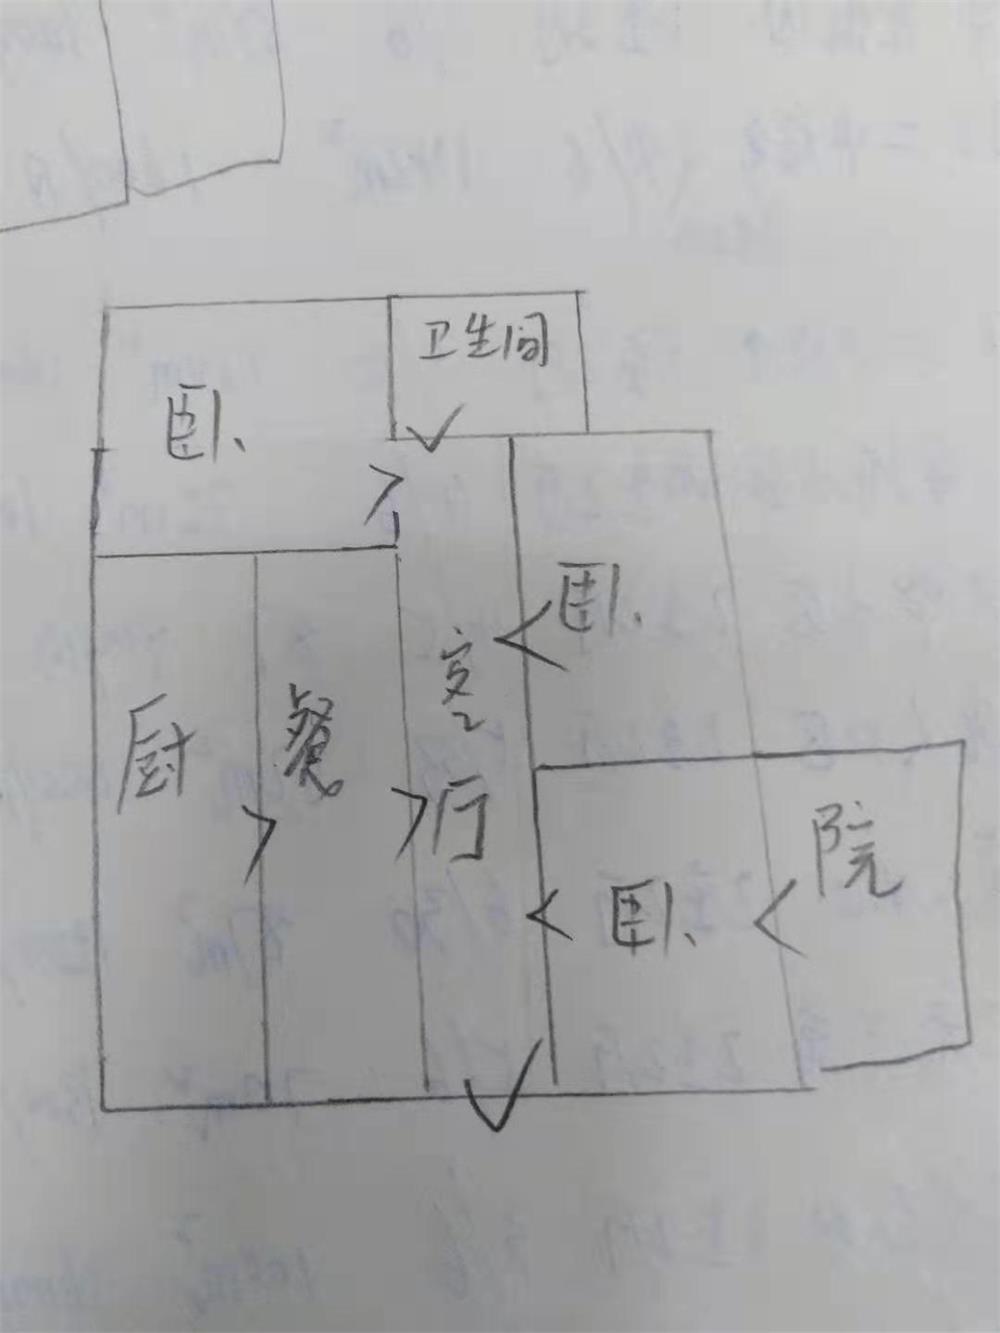 天衢东路小区 2室2厅 1楼